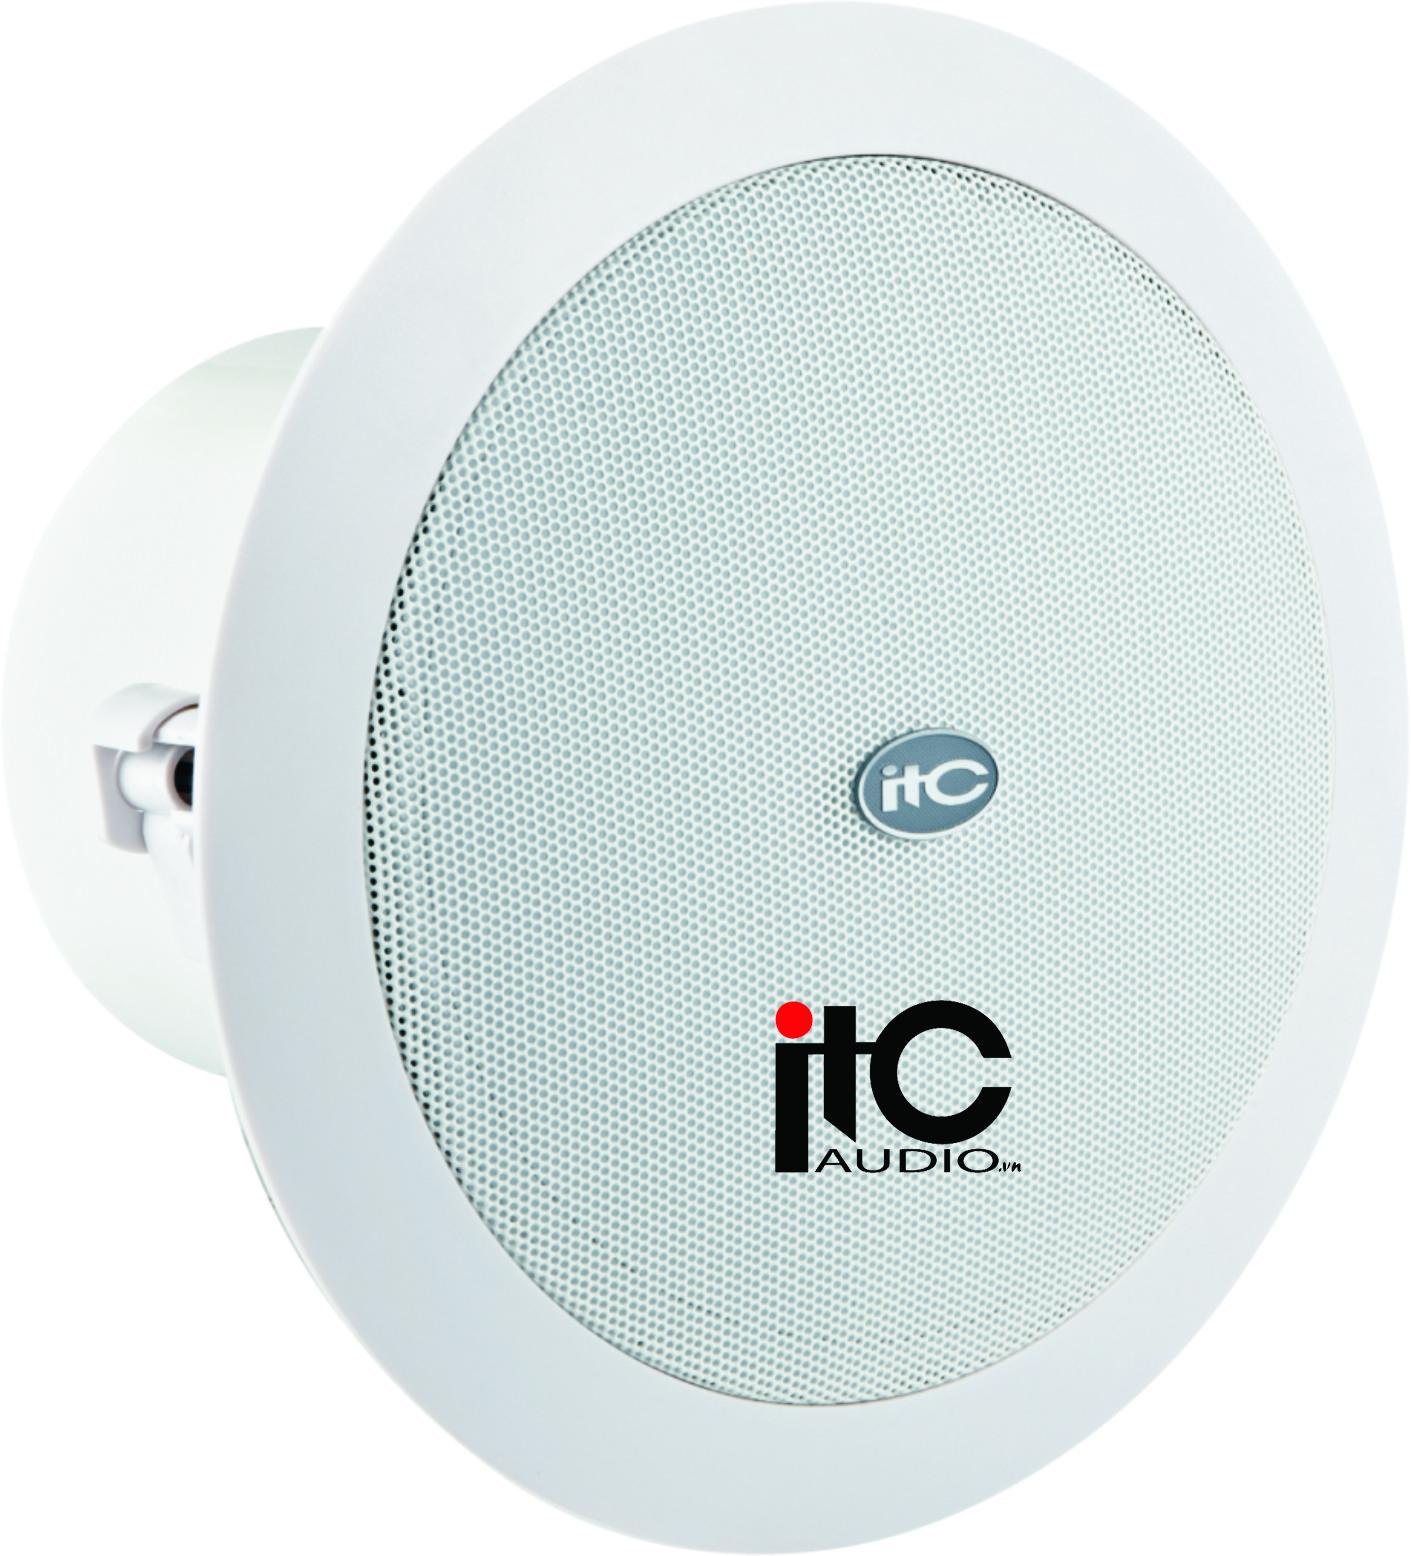 Loa gắn trần ITC T-205CW, loa ITC T-205CW, ITC T-205CW, T-205CW